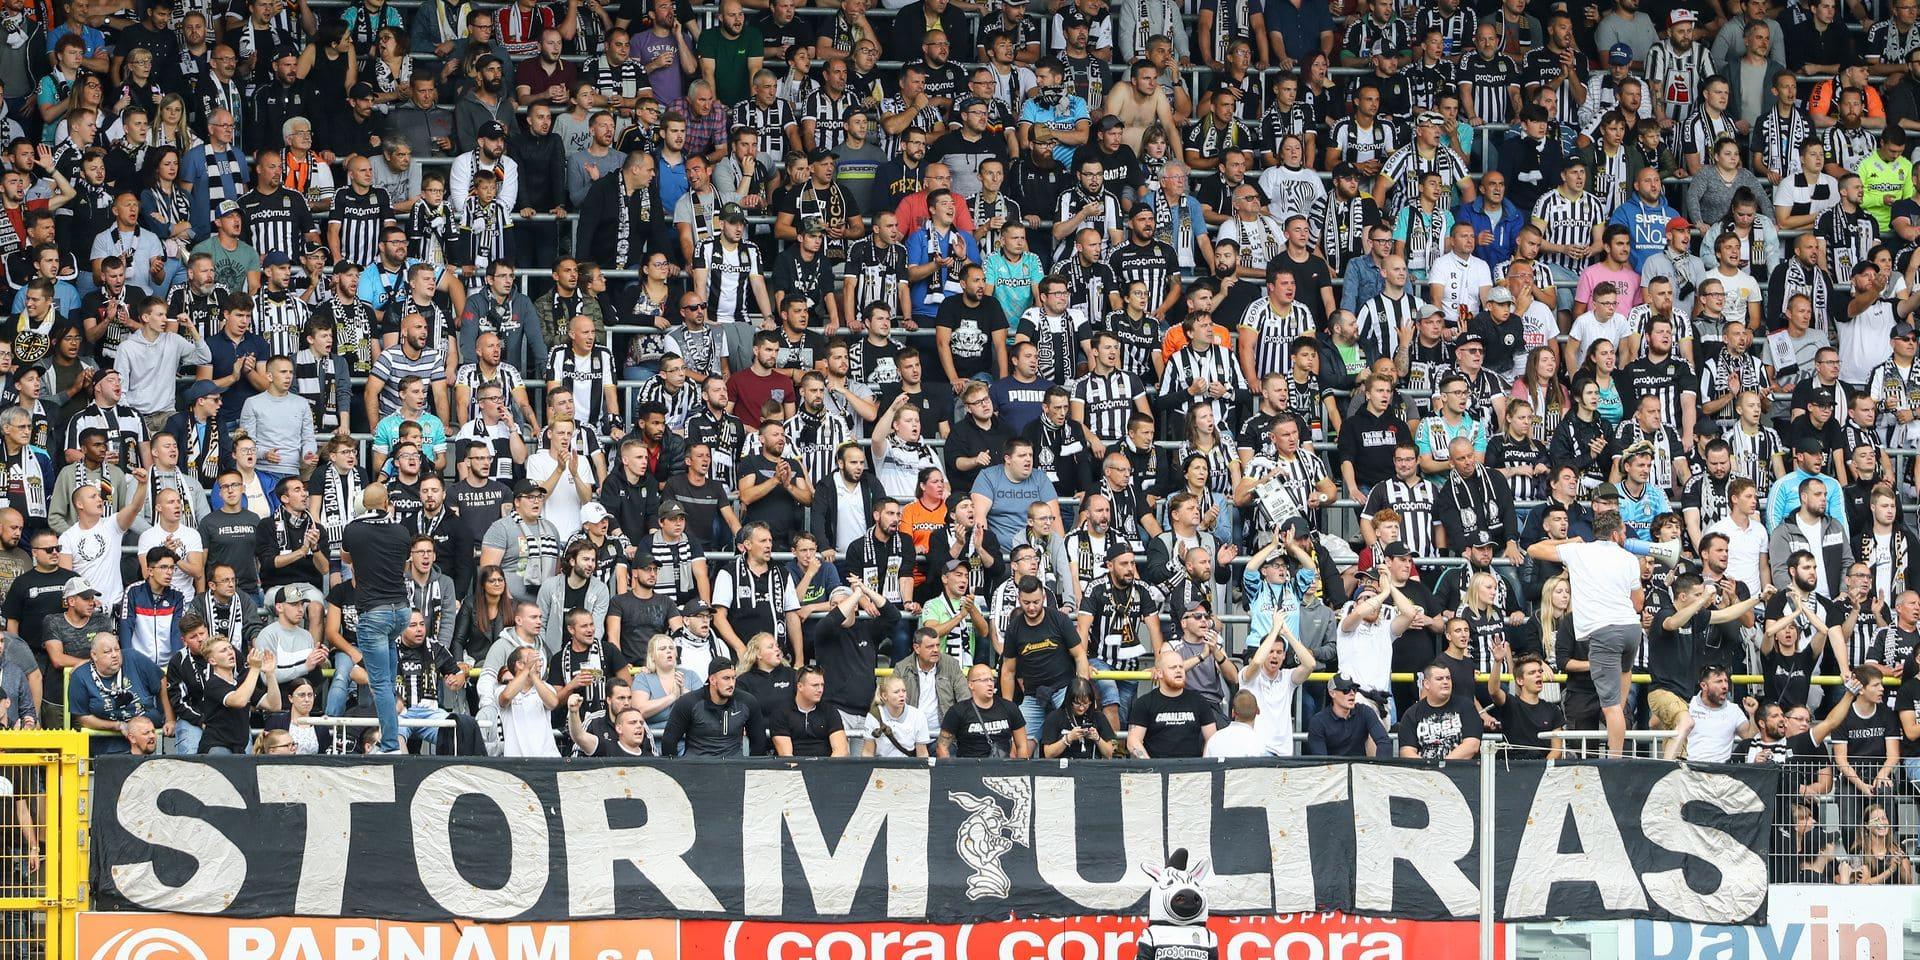 Les Ultras du Sporting Charleroi s'expliquent sur leur retour au stade face au Beerschot